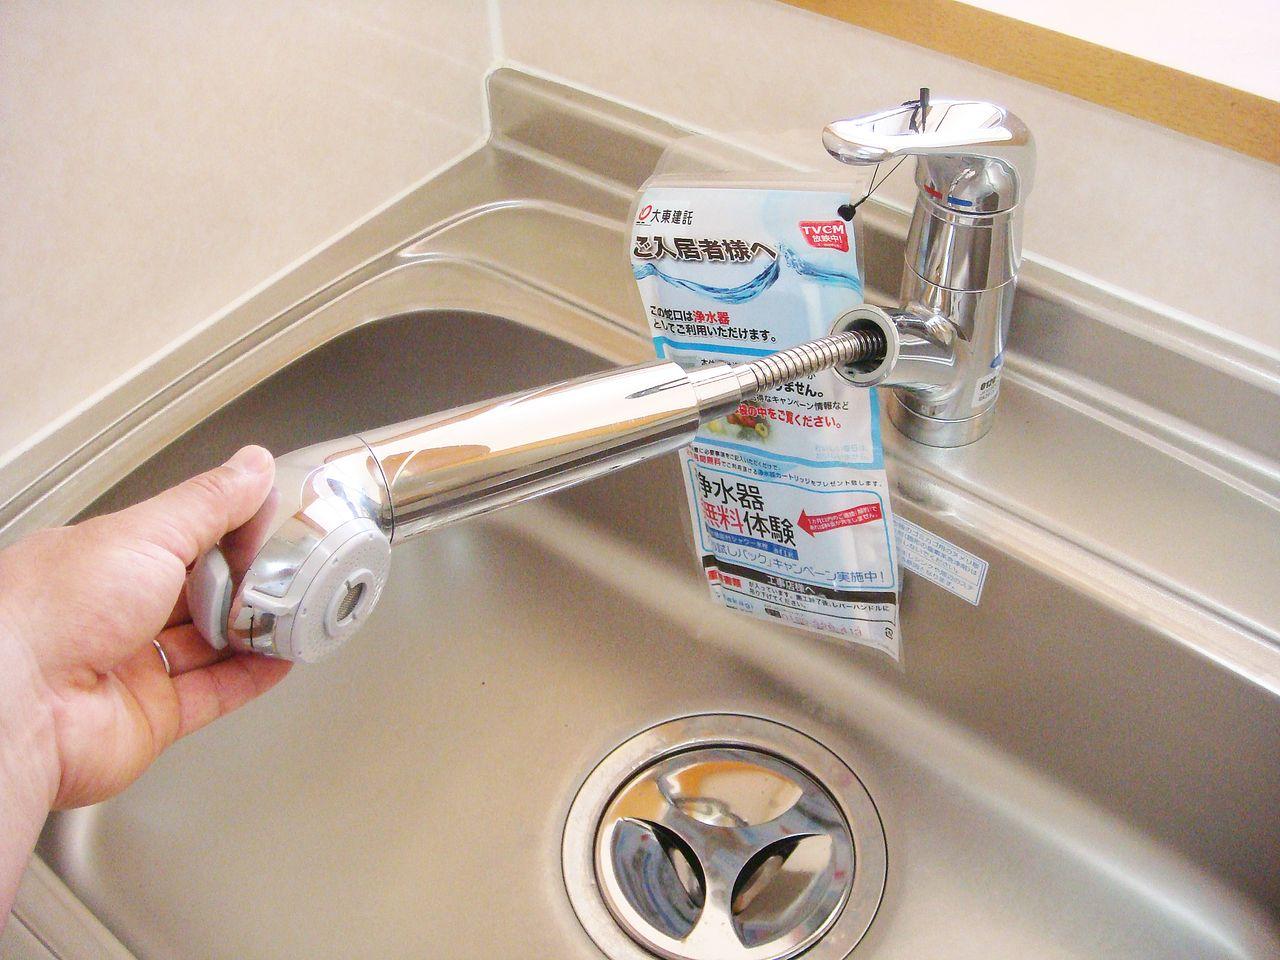 キッチンは浄水器付シャワー水栓です。伸びるタイプなのでシンクのお掃除もらくらく♪